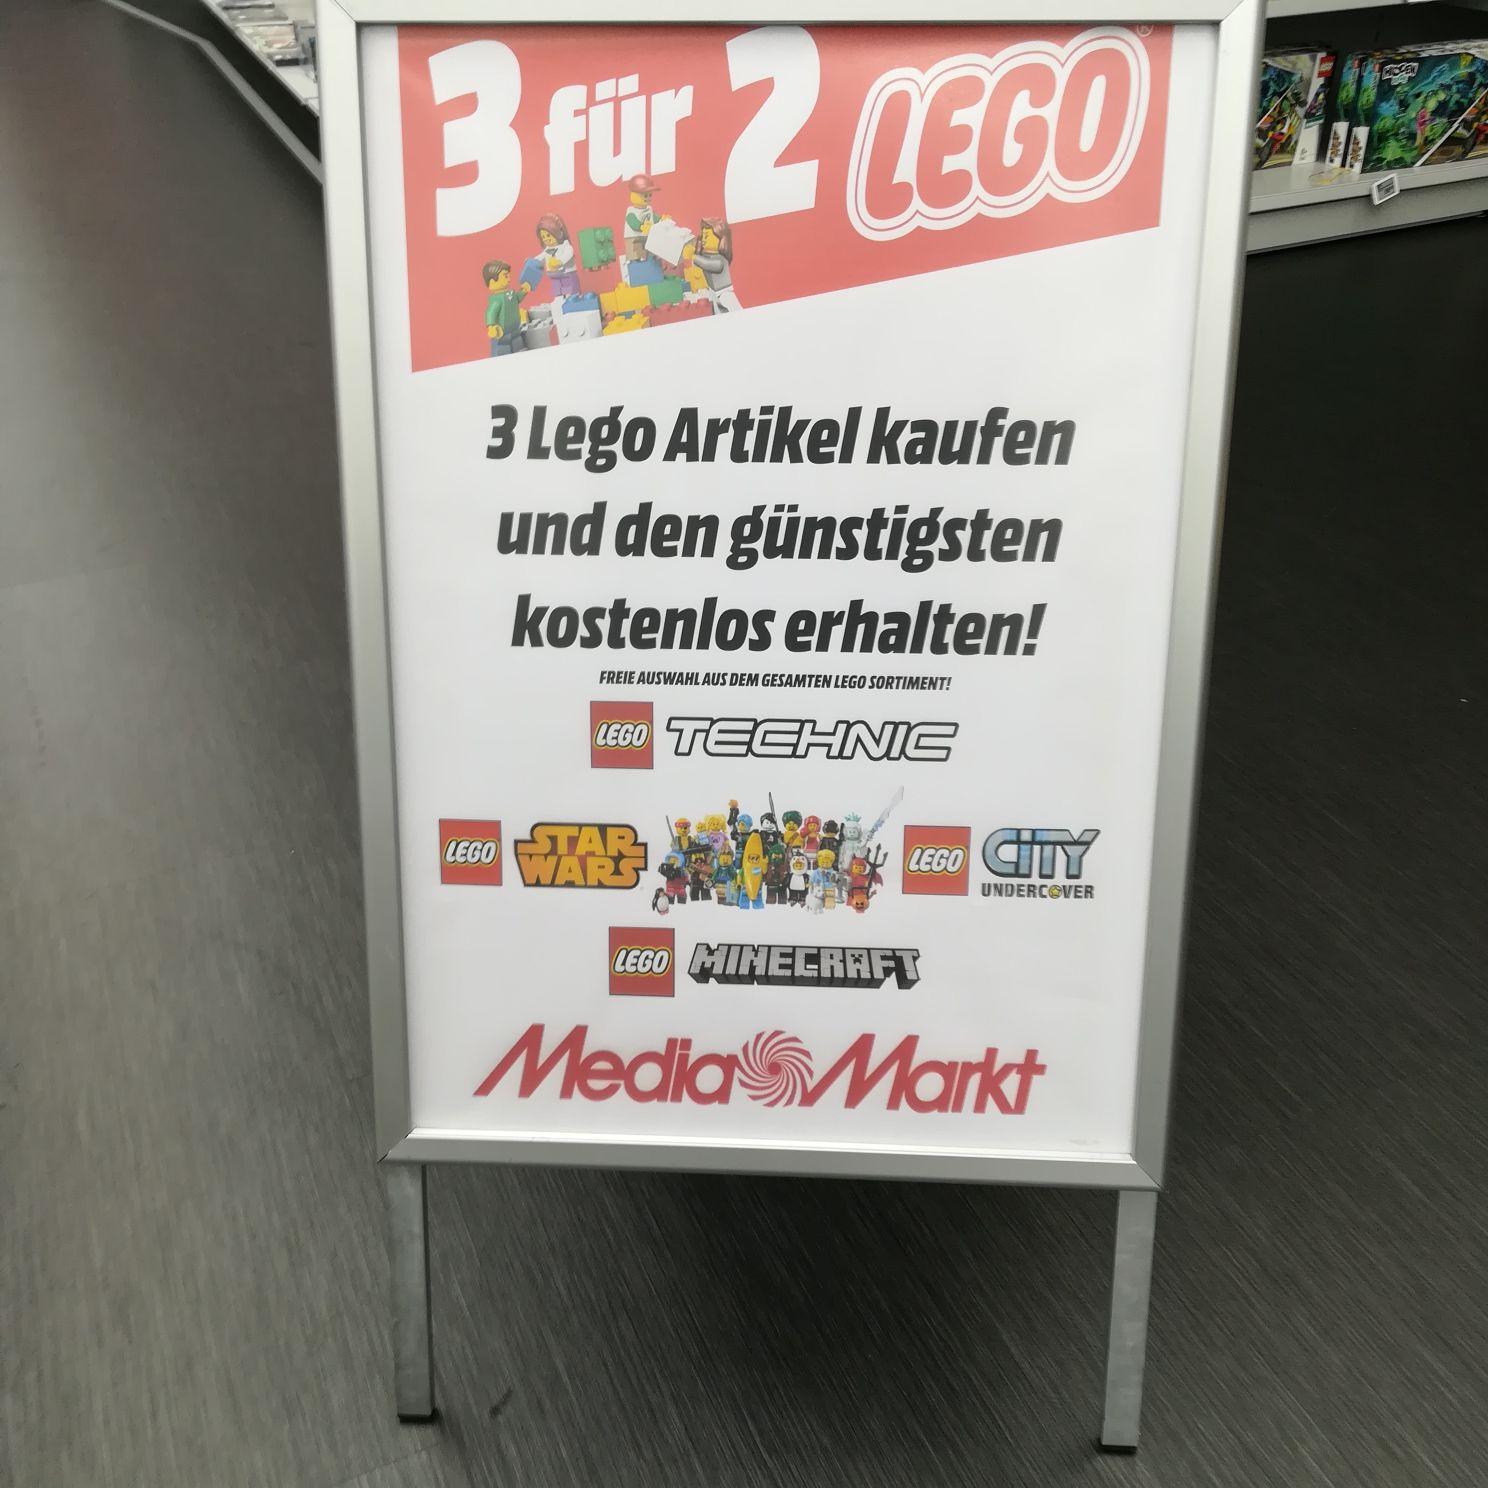 3 für 2 Lego Media Markt(ECE) Schweinfurt